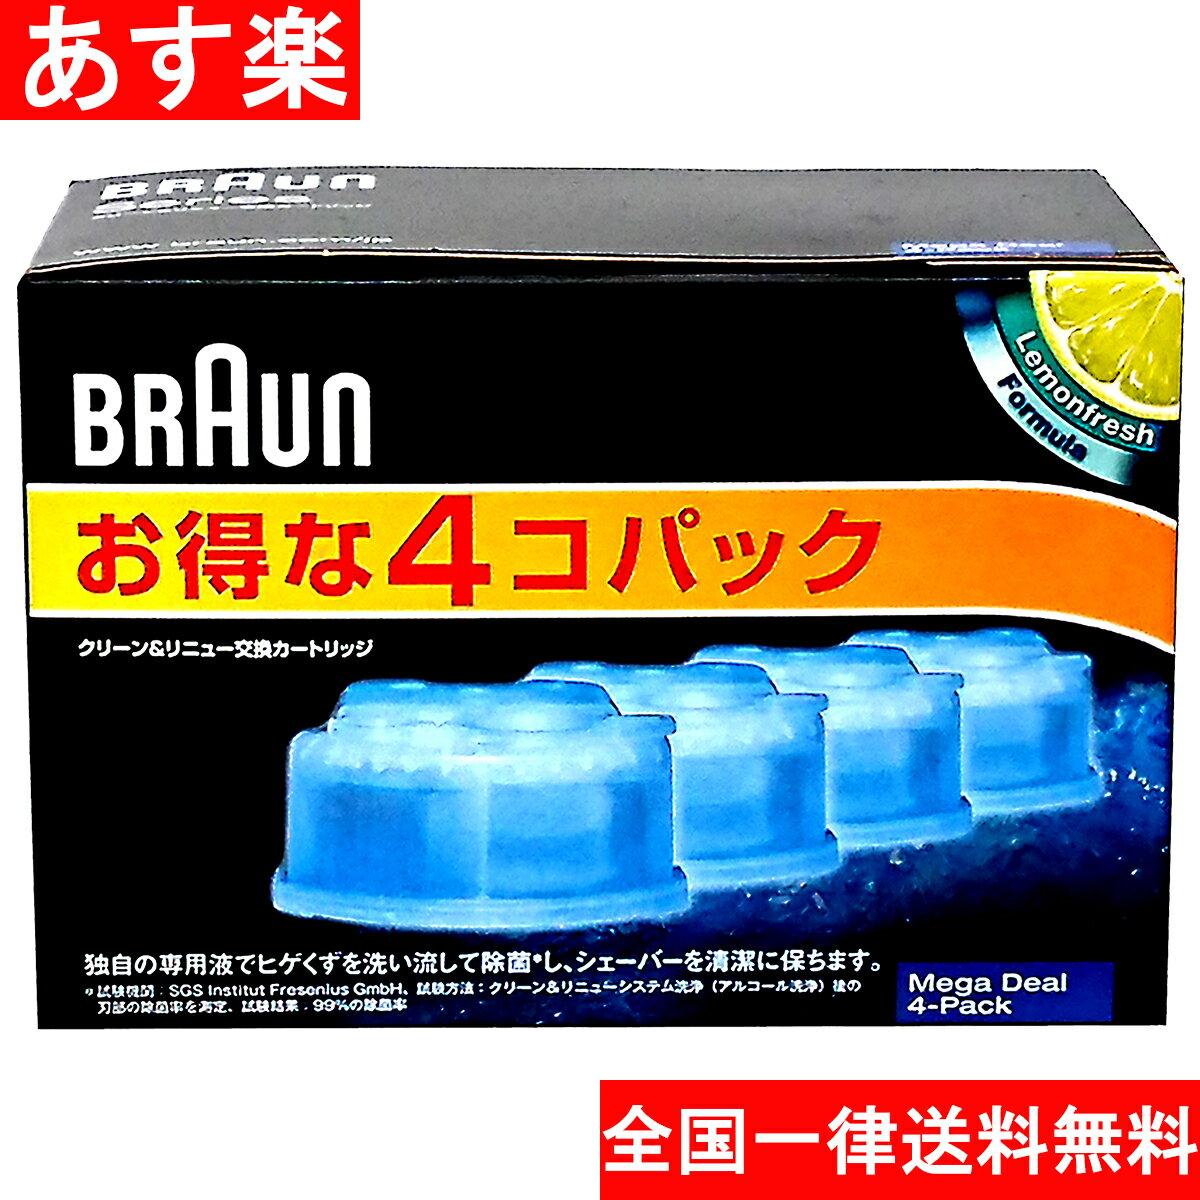 ブラウン 洗浄液 カートリッジ 4個入 (約4ヶ月分) クリーン&リニュー交換カートリッジ アルコール洗浄 シェーバー洗浄液